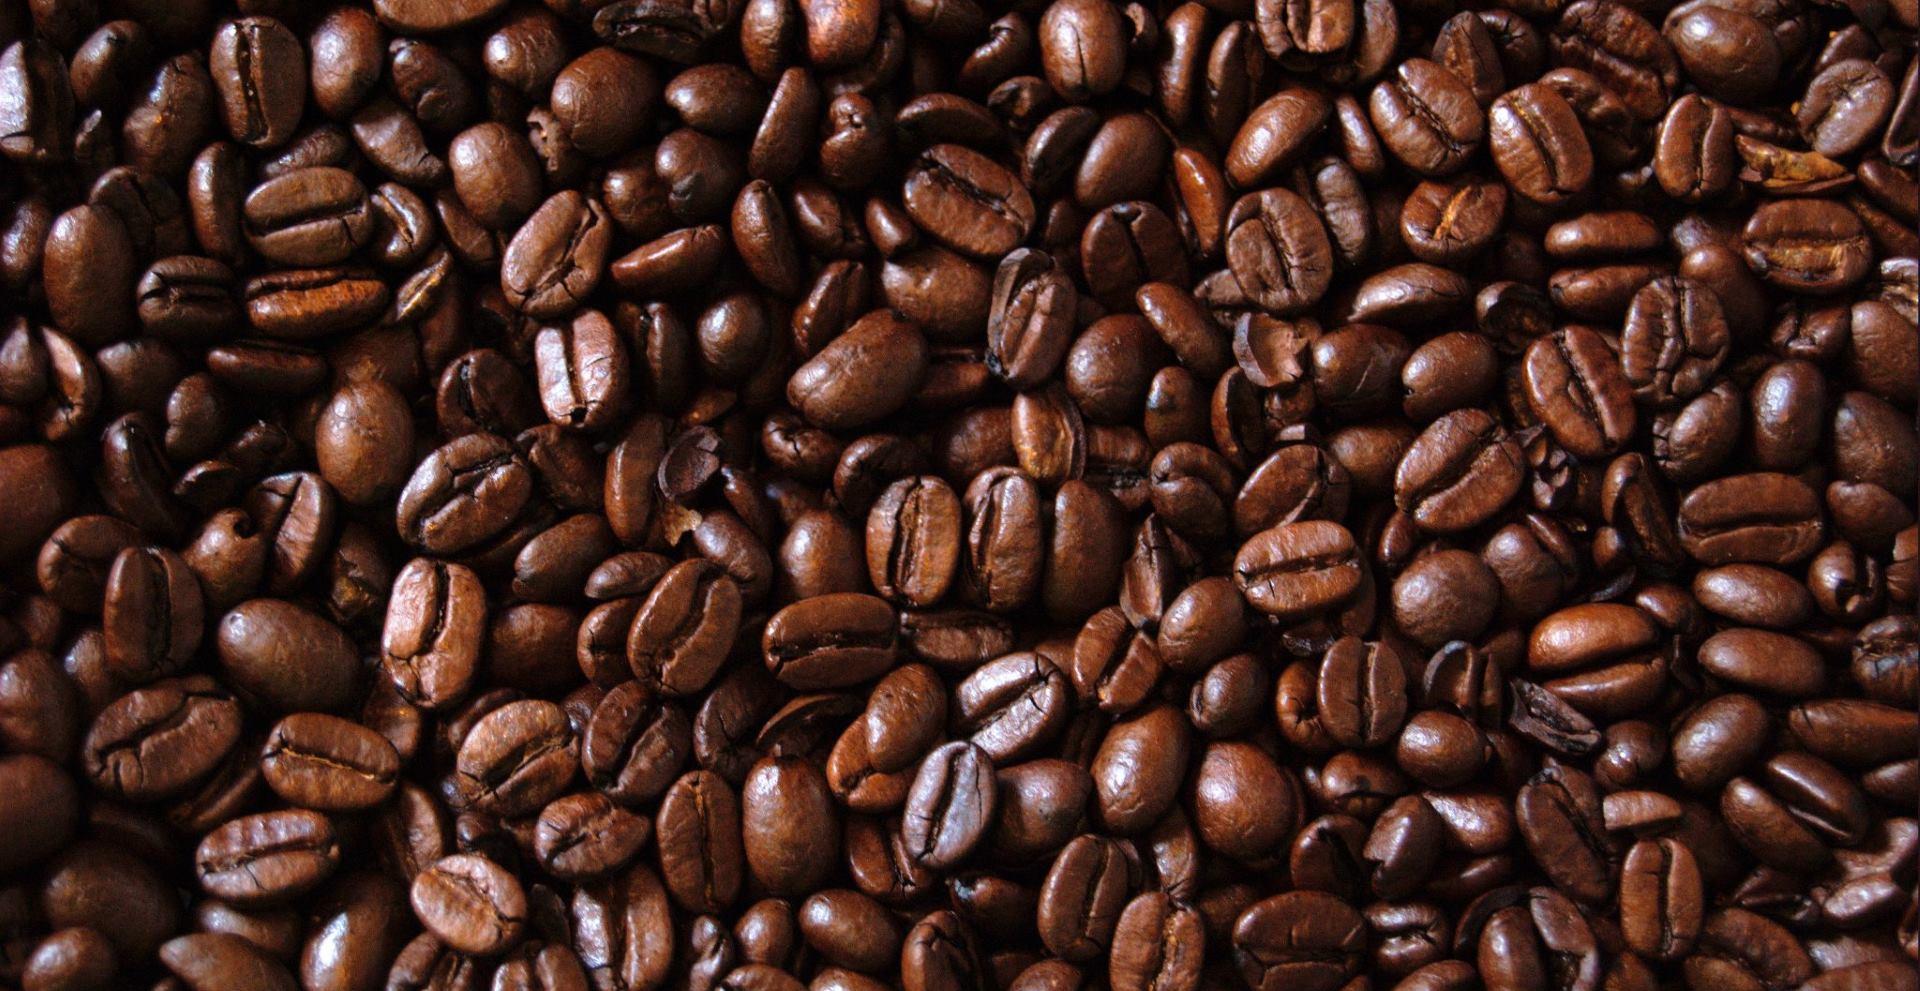 VIDEO: Umjereno pijenje kave dobro je za zdravlje